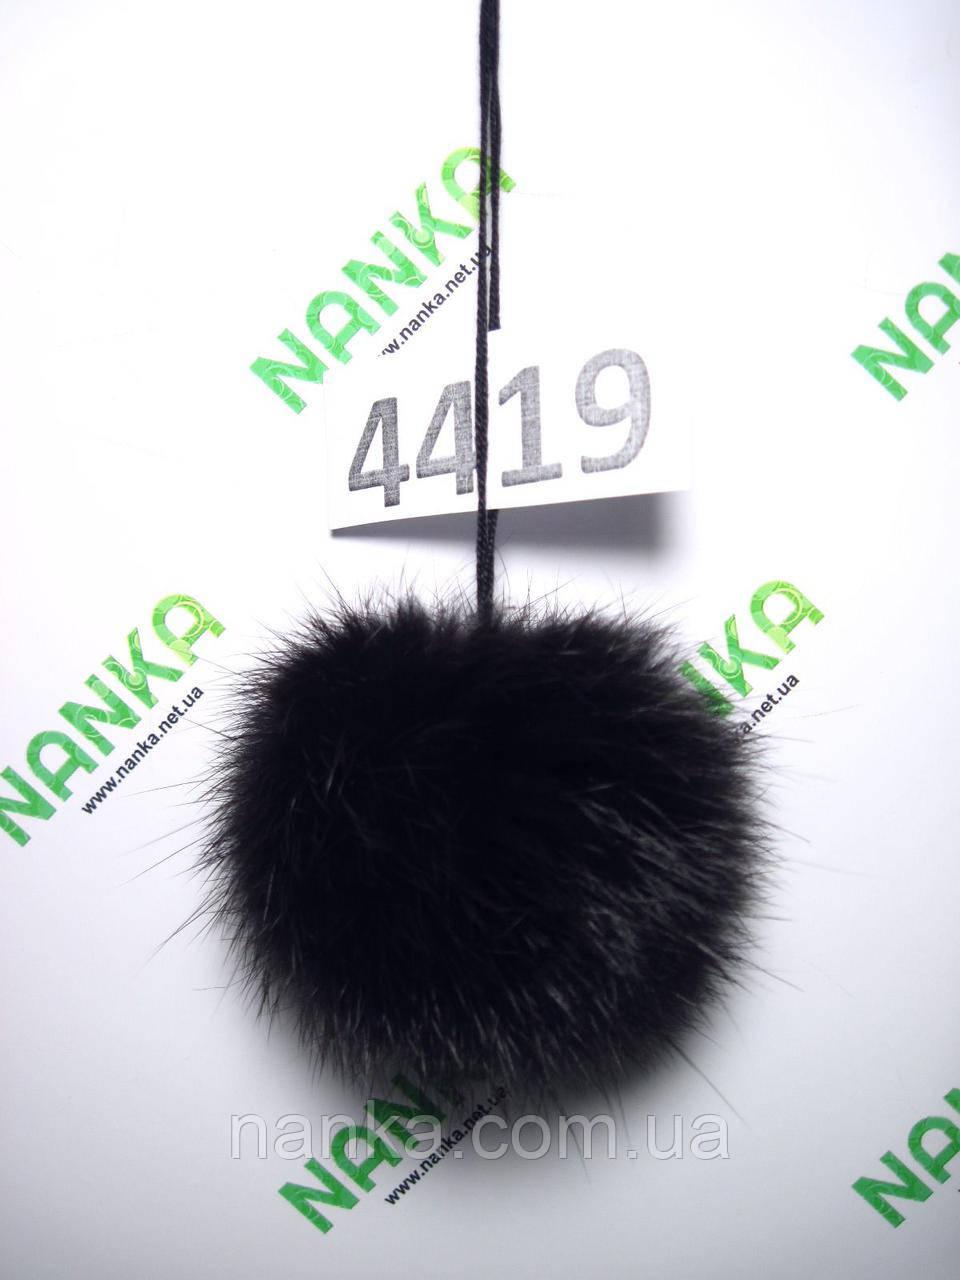 Меховой помпон Кролик, Т. Шоколад, 8 см, 4419